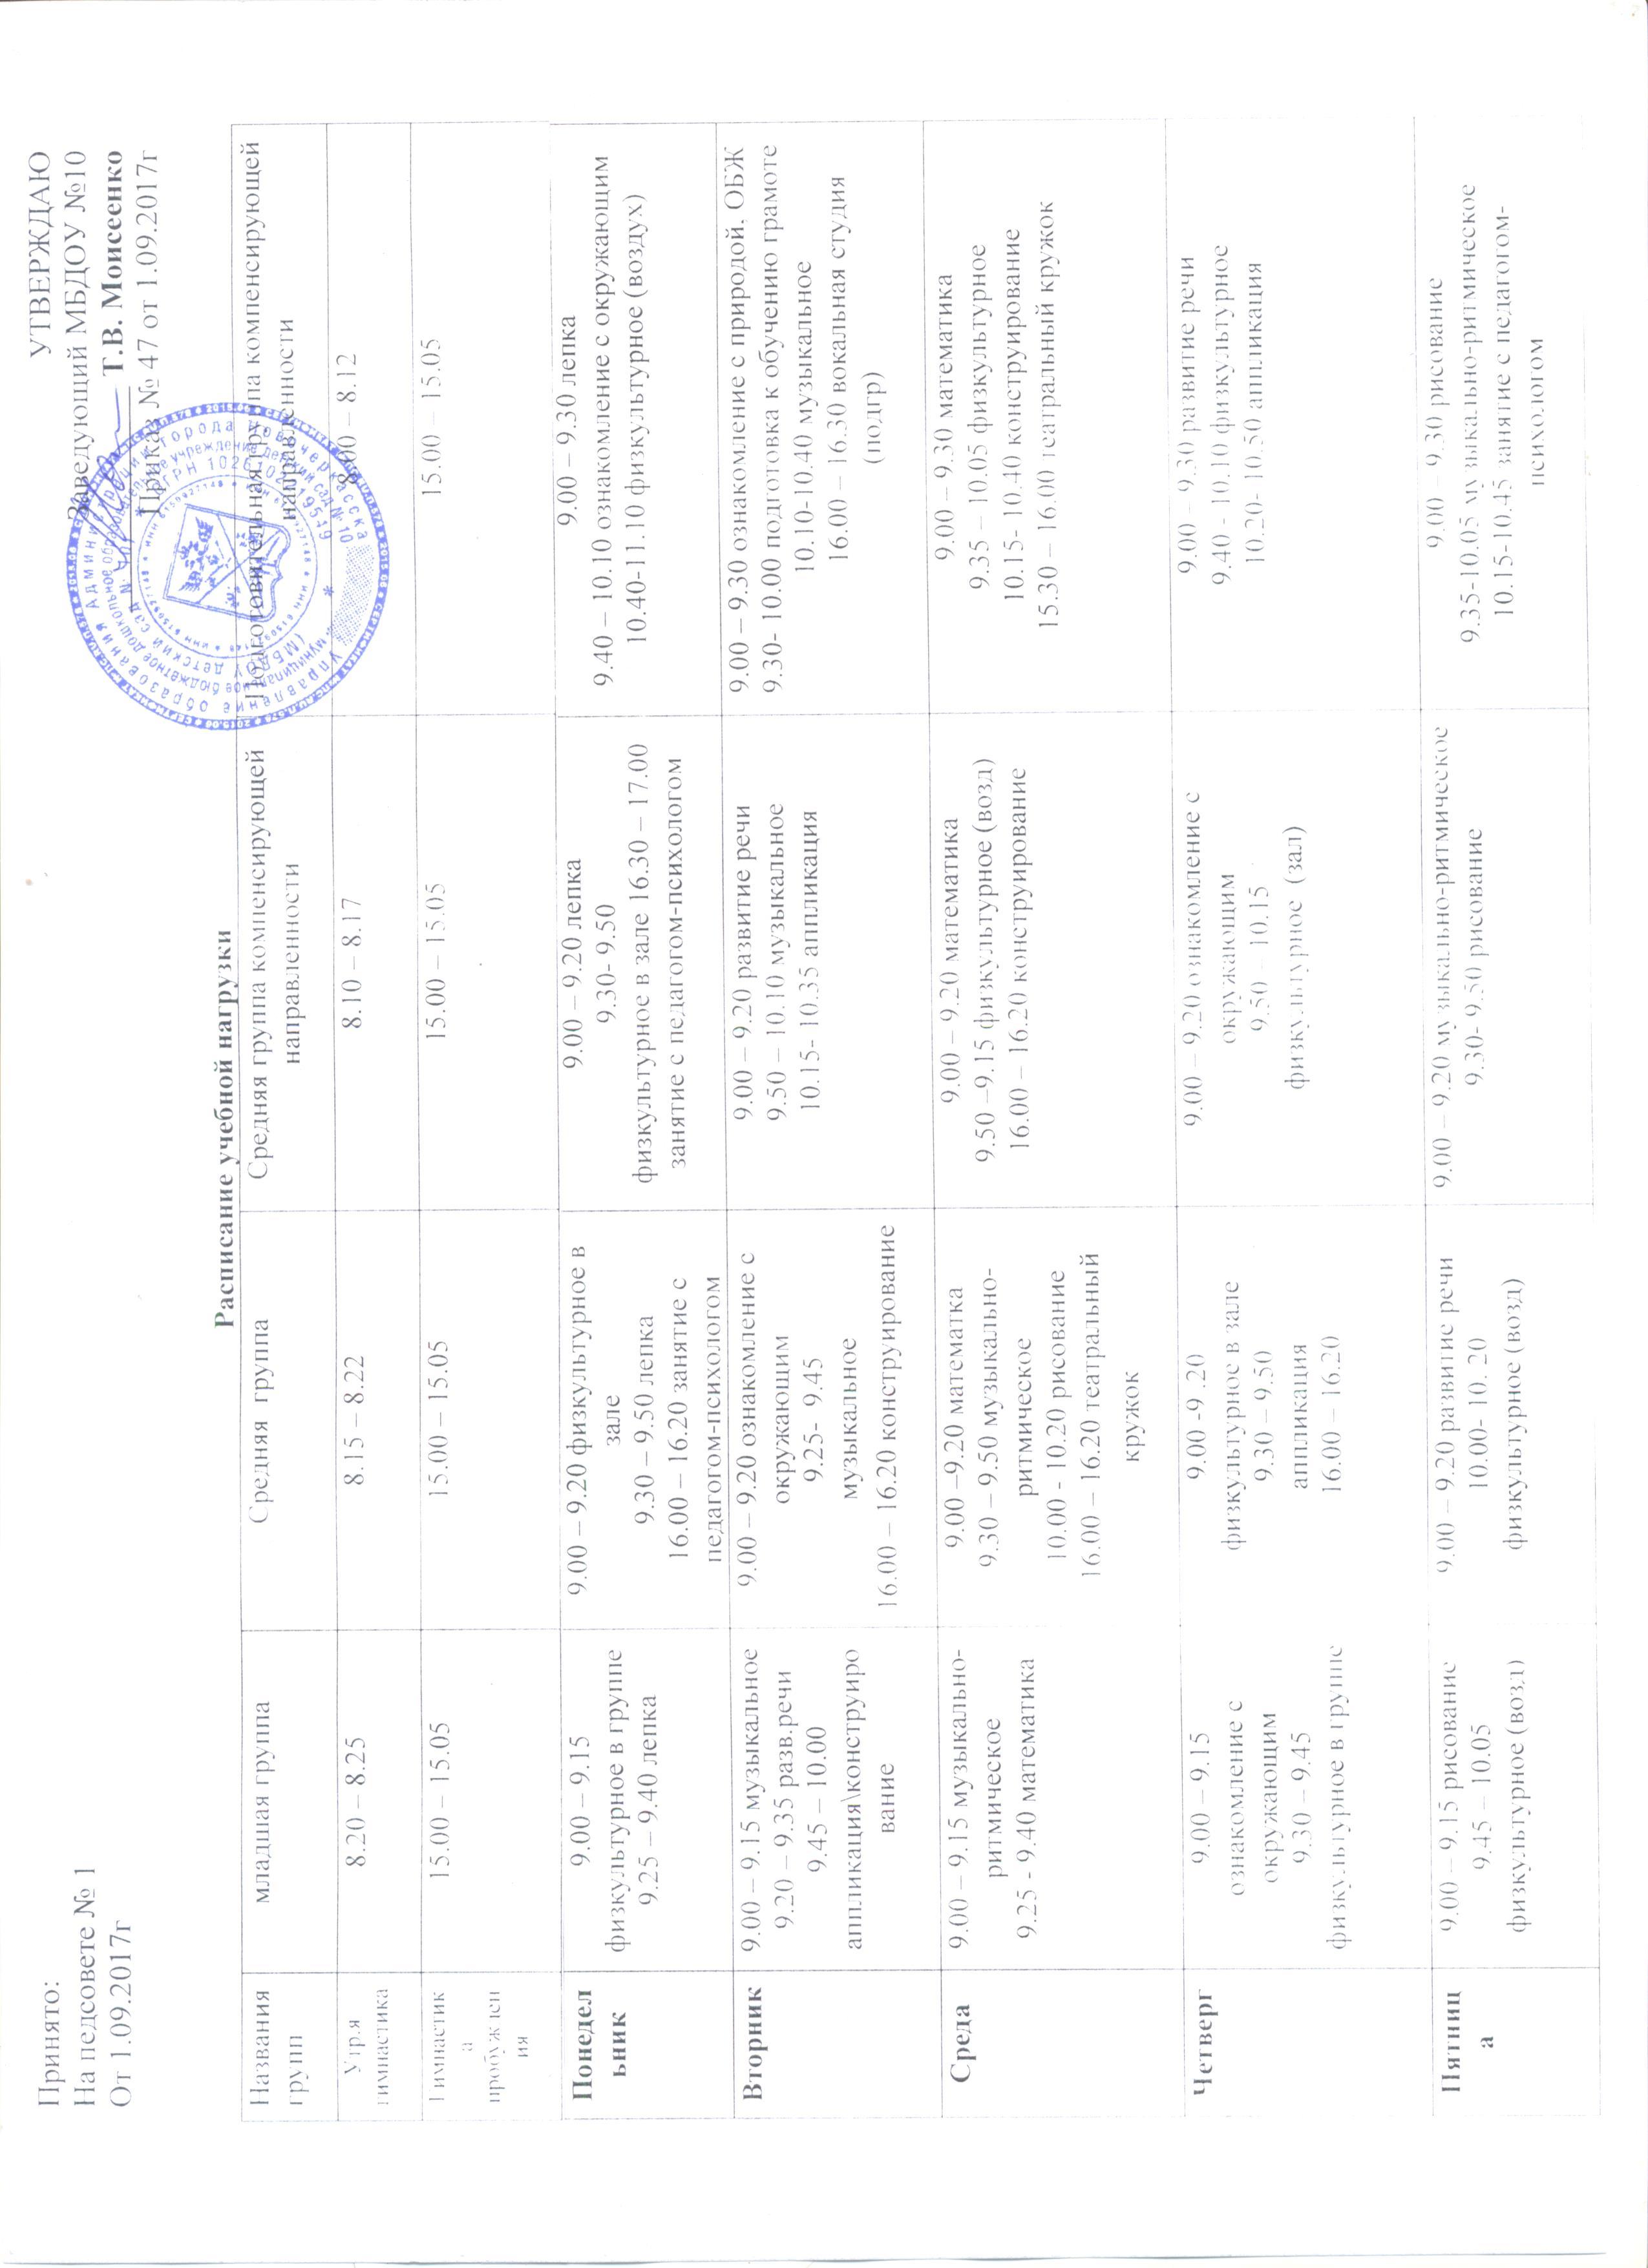 Расписание учебной нагрузки на 2017-2018 учебный год (1)